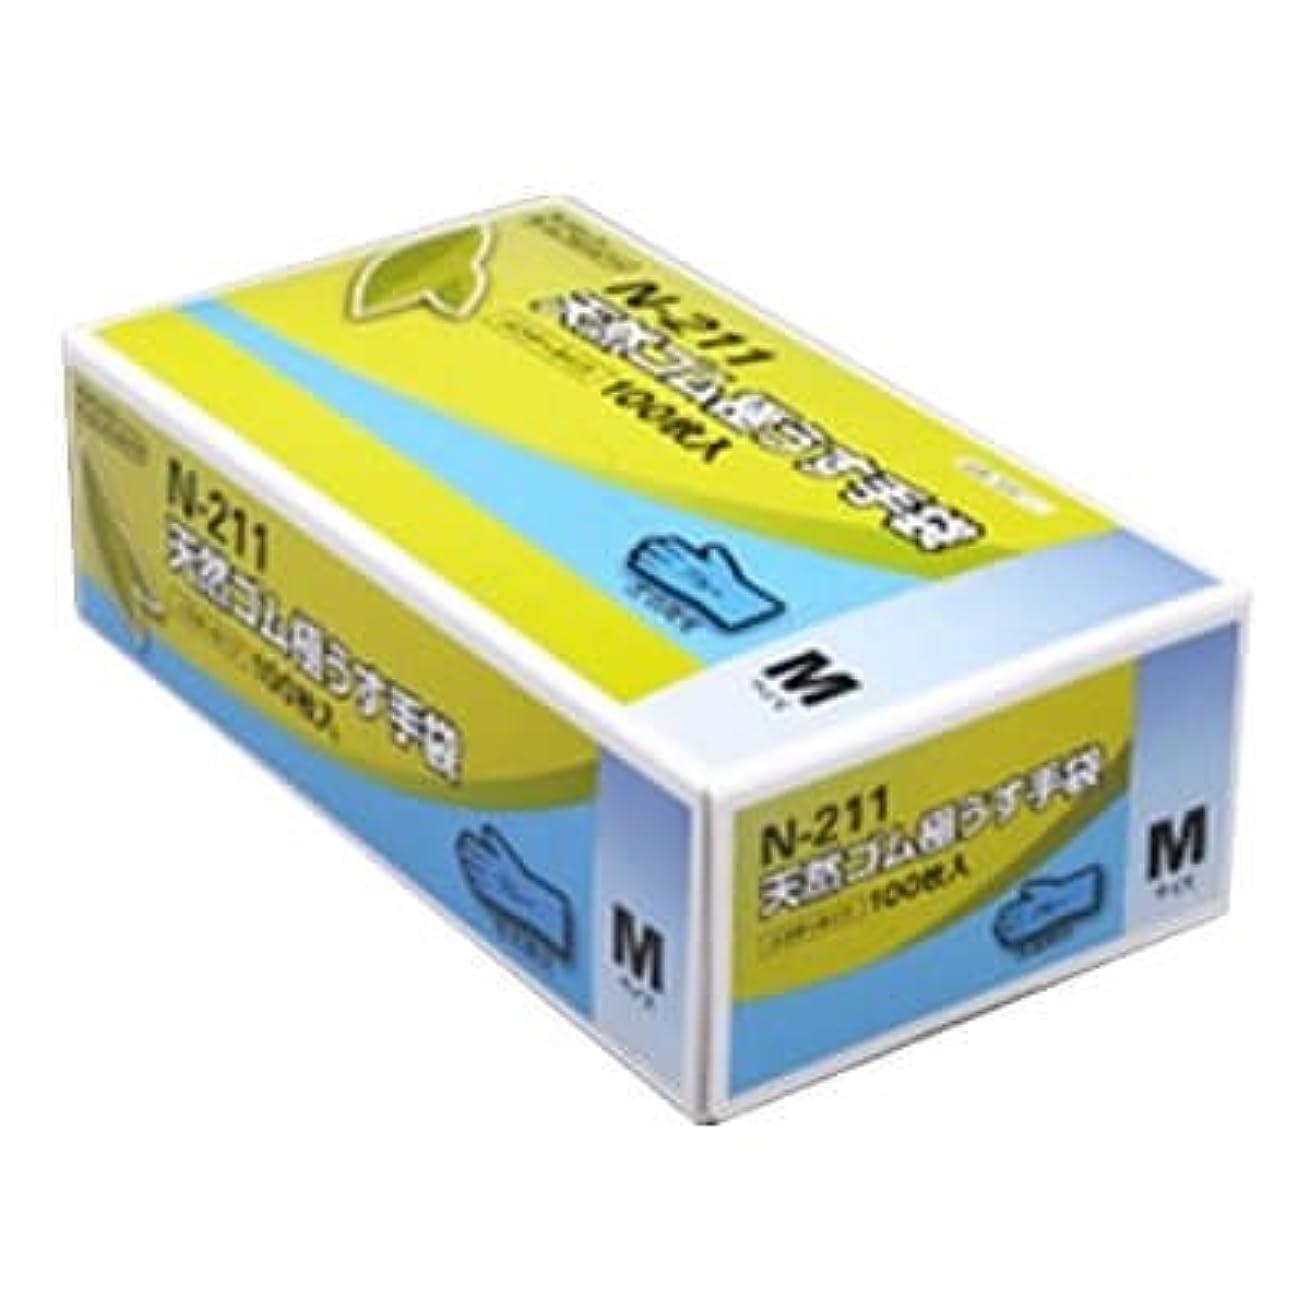 バックアップ不十分な黒板【ケース販売】 ダンロップ 天然ゴム極うす手袋 N-211 M ブルー (100枚入×20箱)